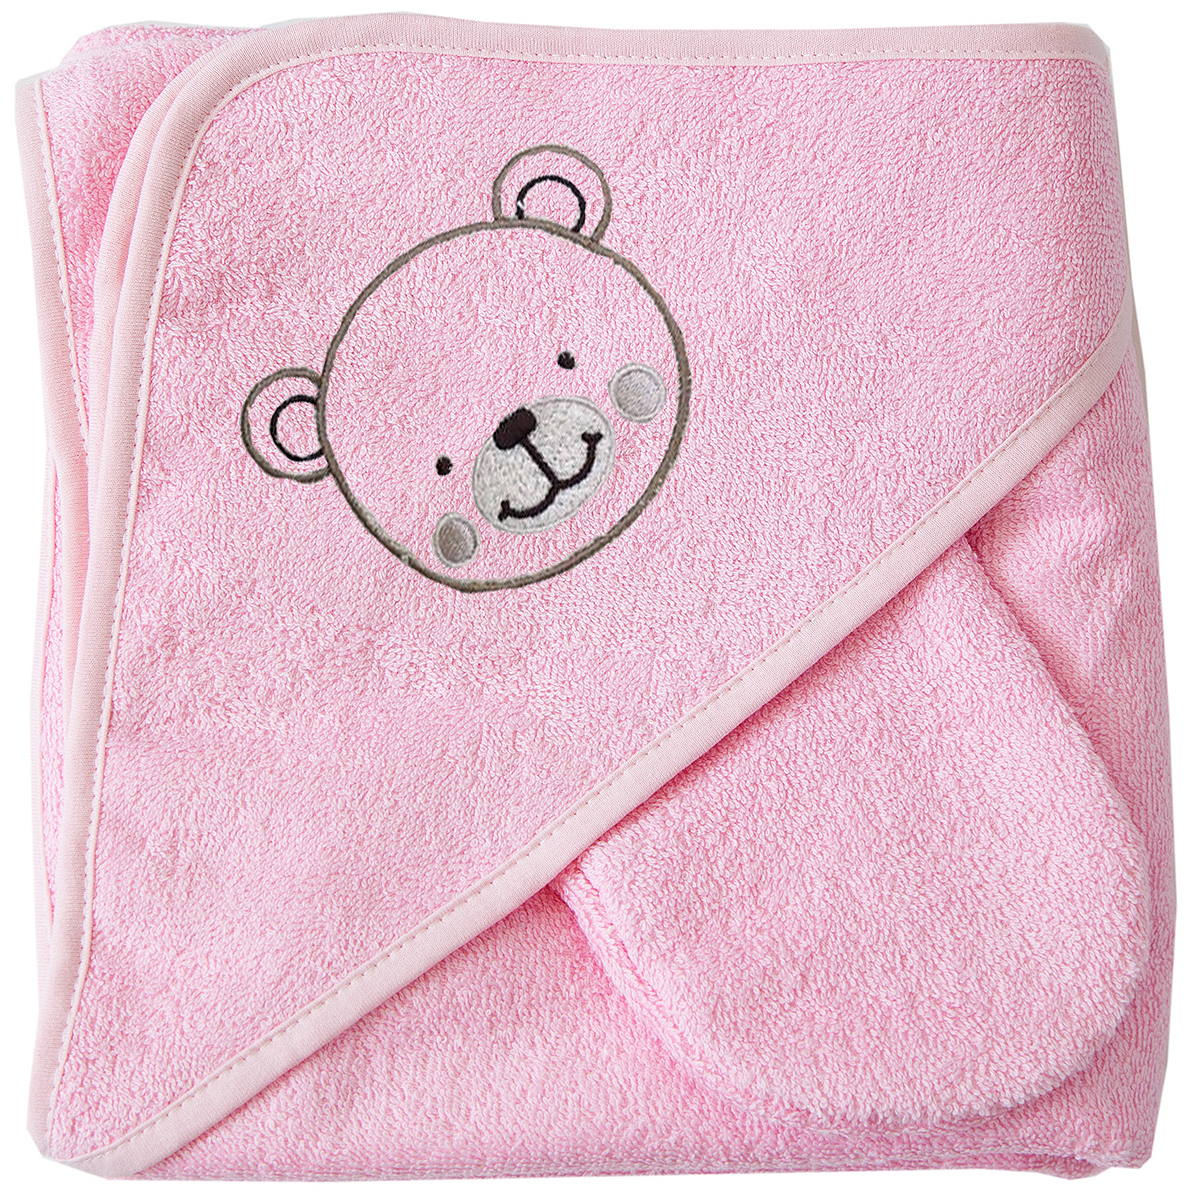 Baby Nice Полотенце детское Уголок цвет розовыйM131Уголок для купания - легкий и необыкновенно мягкий к телу малыша, 100% хлопковая ткань, из которой изготовлен уголок, прошла специальную обработку по умягчению. Эта обработка ткани так же сделала ее особенно дышащей - пропускающей воздух, очень нежной и комфортной. Уголок неприхотлив в использовании и в уходе: он мгновенно впитывает влагу, быстро сохнет, не деформируется. Муслин - новая воздушная очень приятная по тактильным ощущениям ткань из натурального хлопкового волокна - имеет прекрасную репутацию во всем мире. Такой сказочной мягкости и легкости уголка из муслина удалось достичь благодаря особому способу переплетения нитей из определенных сортов более тонкого хлопка, с его последующей дополнительной обработкой. Изделие гигроскопично, окрашено гипоаллергенными красителями, не содержит в себе остаточной химии после технологических процессов обработки.